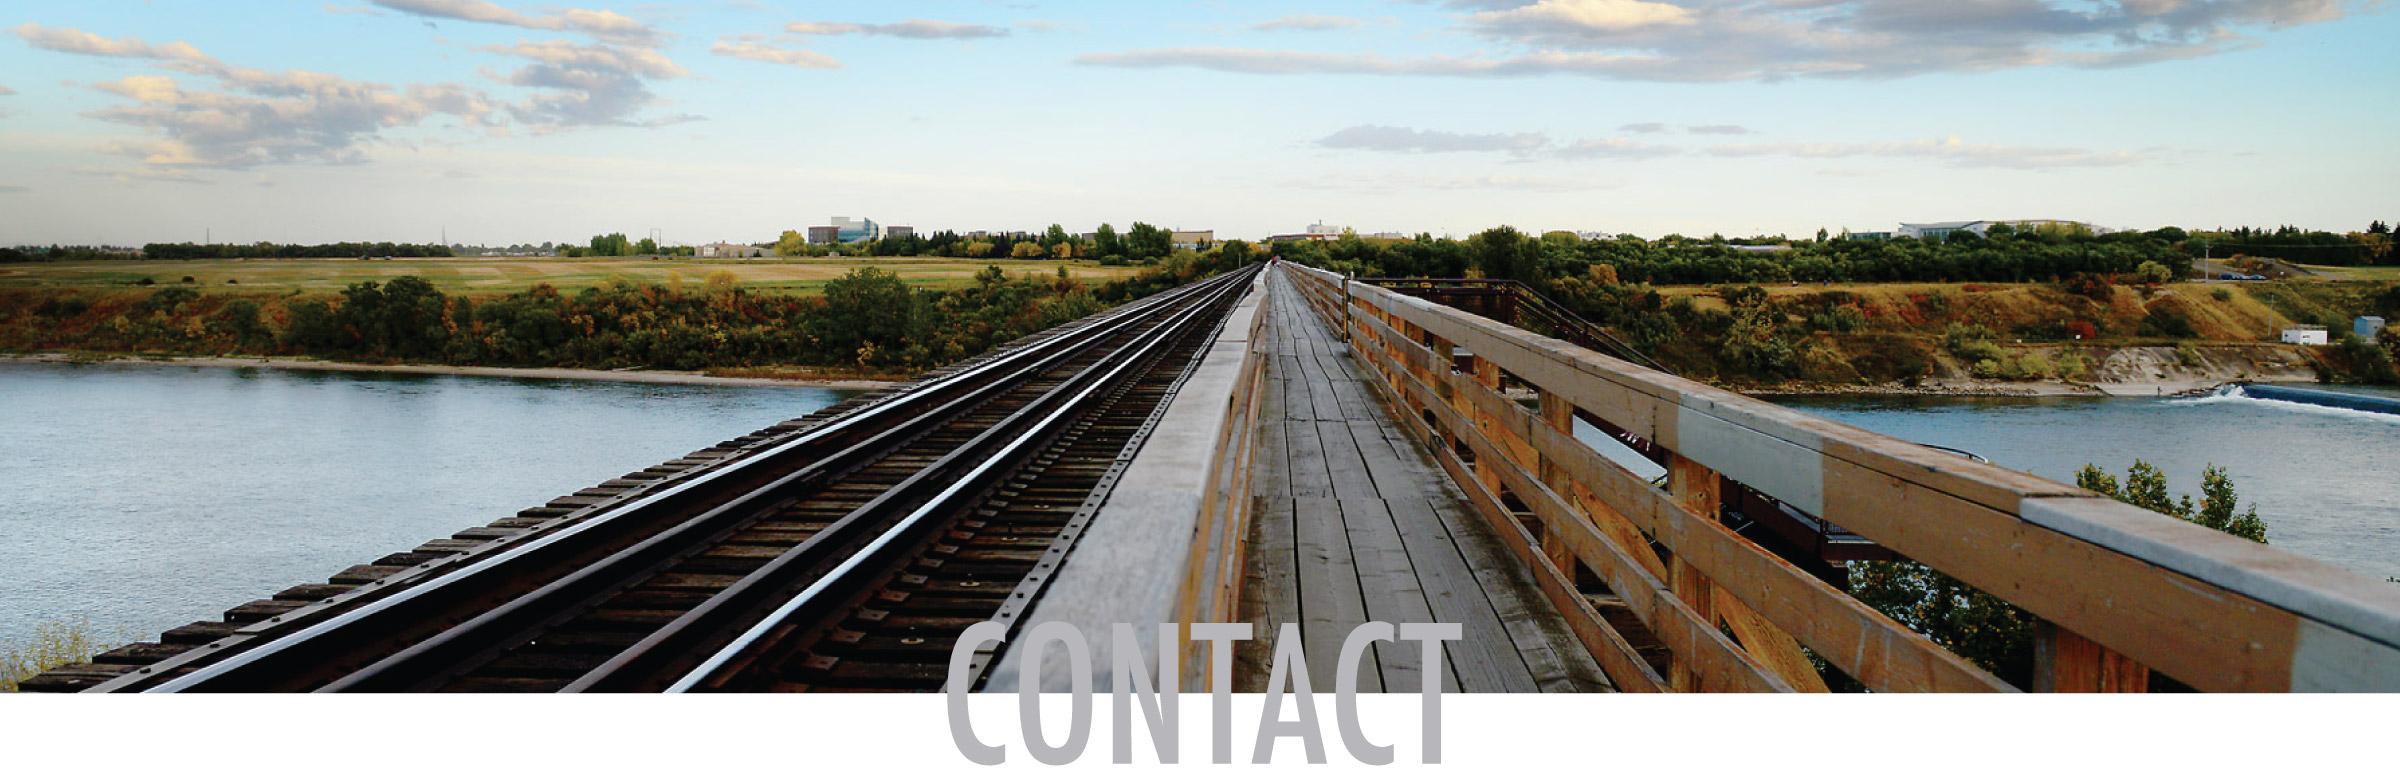 landscape-contact